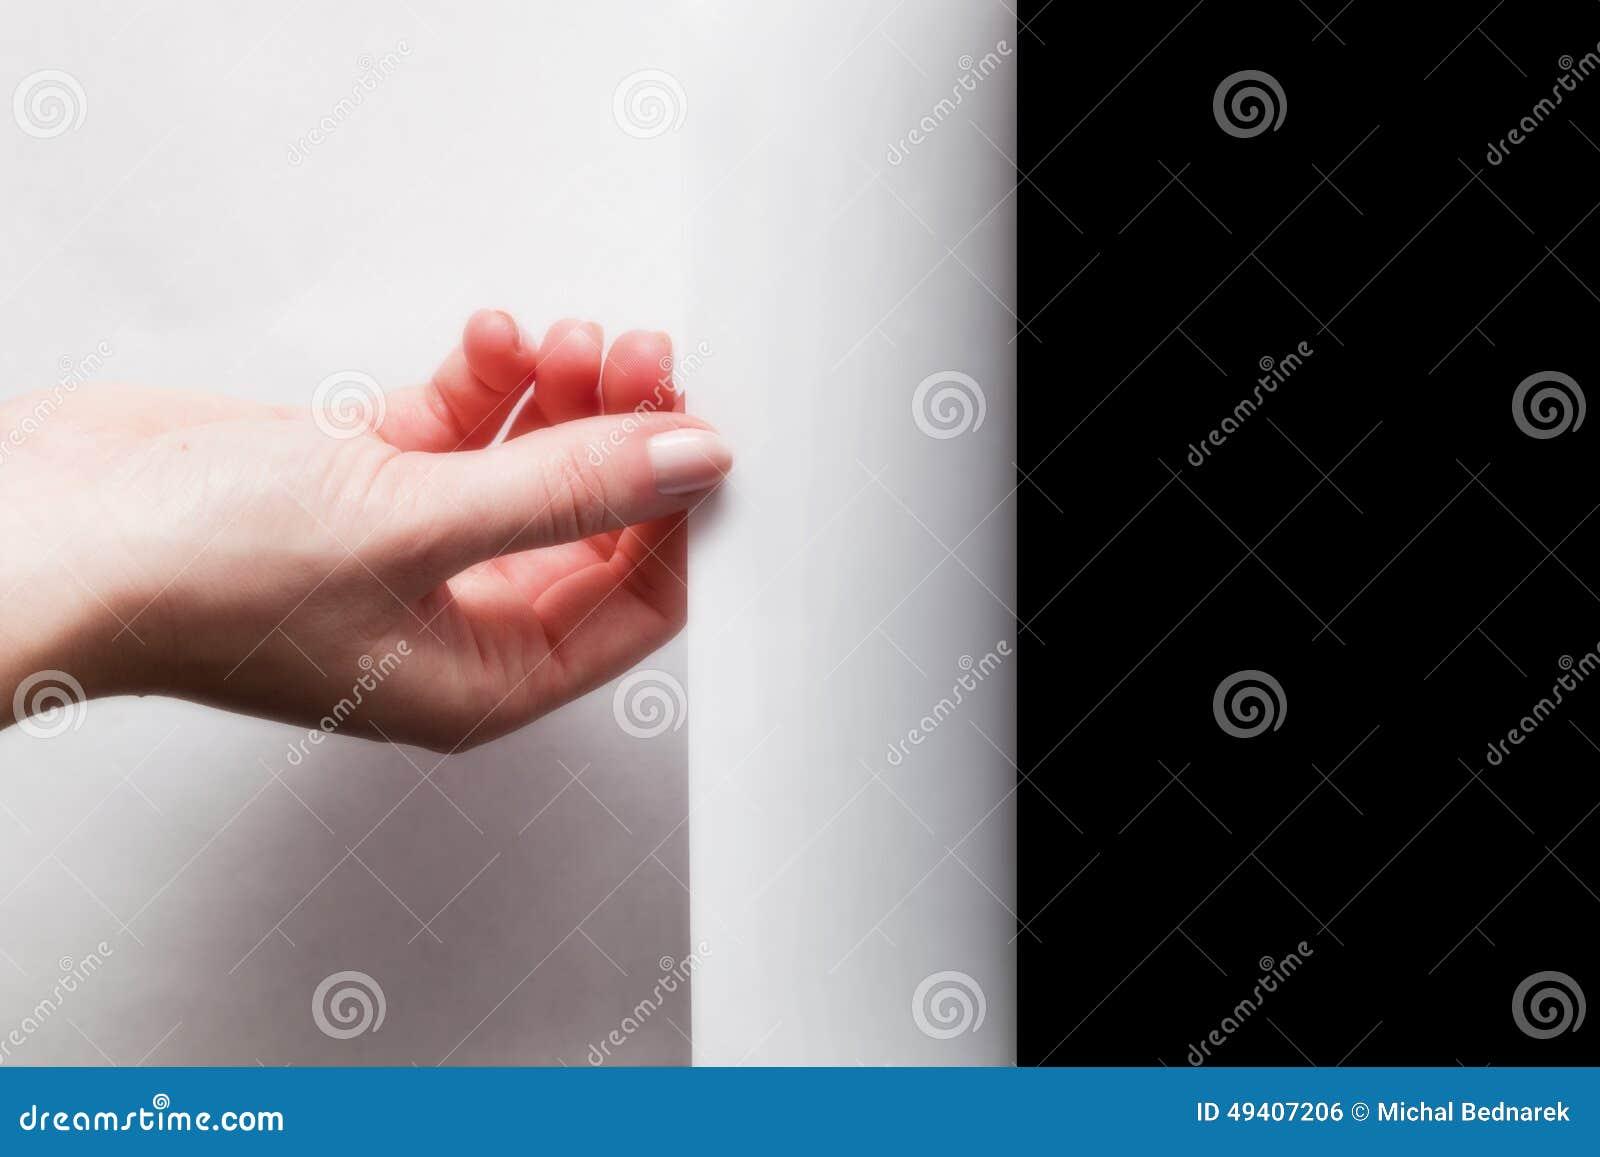 Remettez tirer le bord du papier pour découvrir, indiquez quelque chose